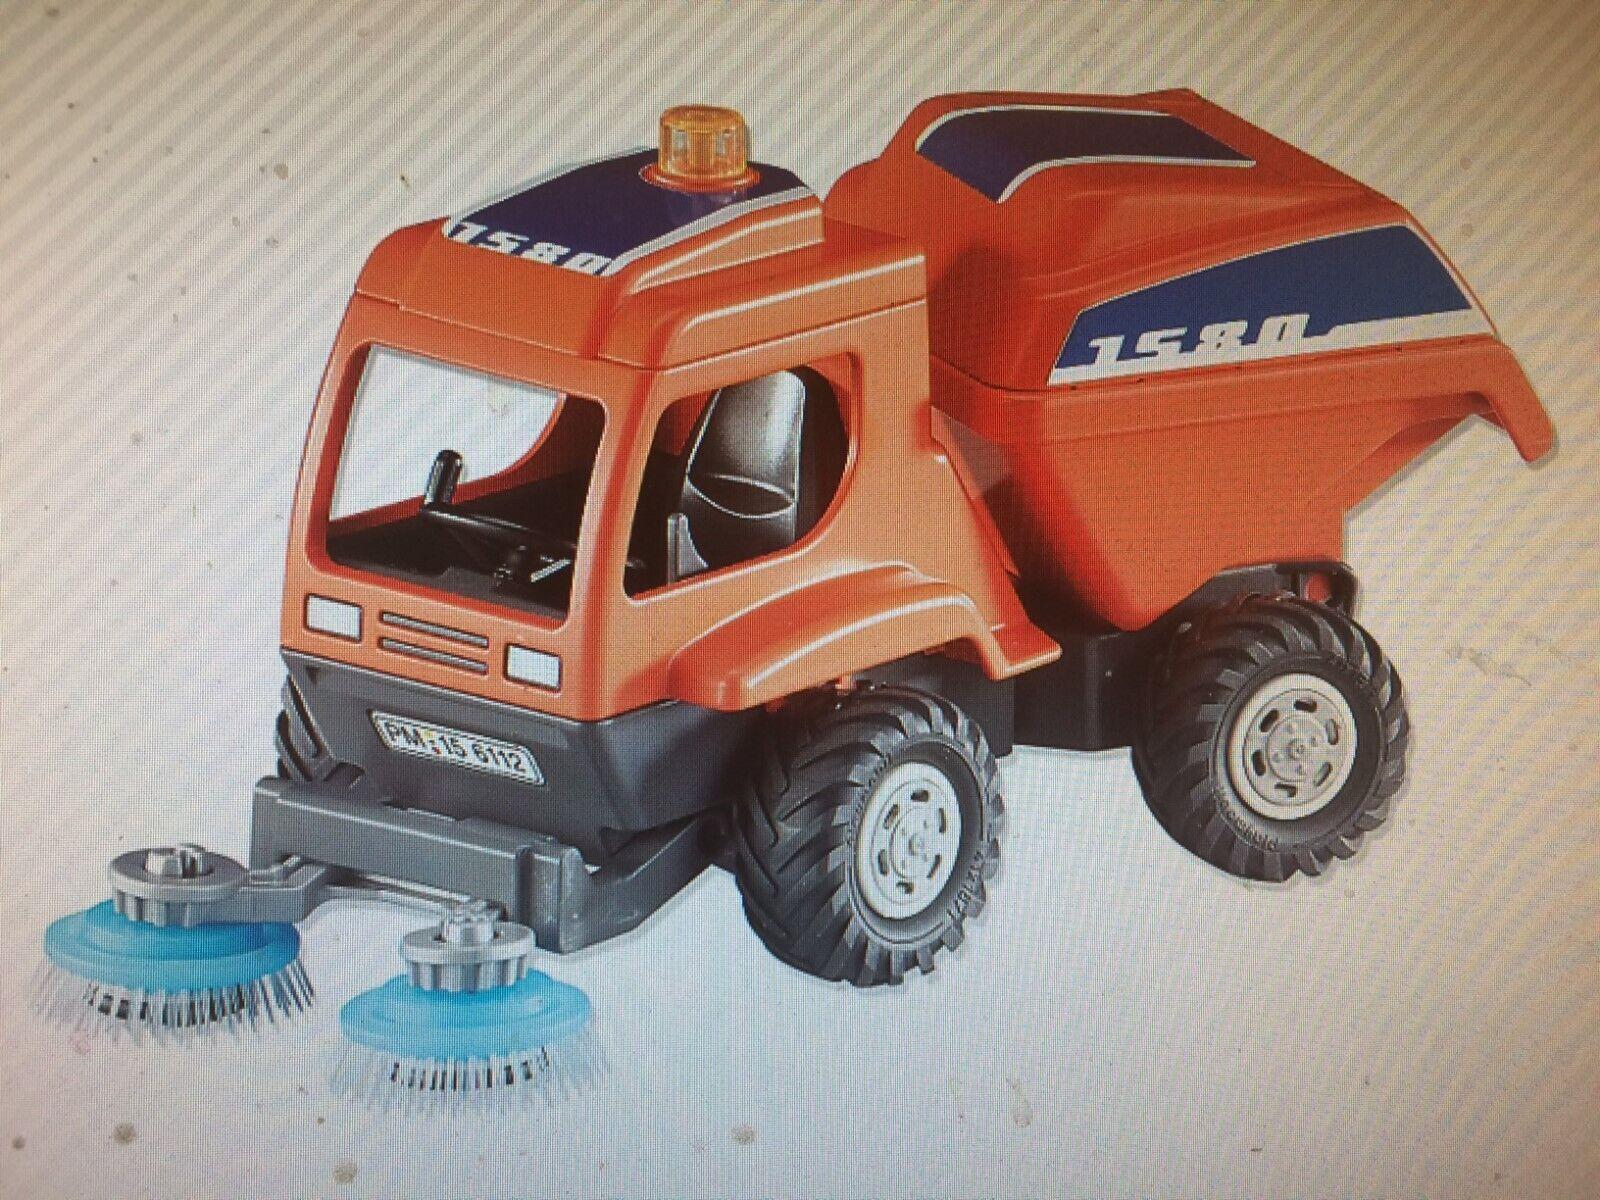 Playmobil 6509 Street Sweeper nuovo in Sealed Accessory borsa    prezzo più economico